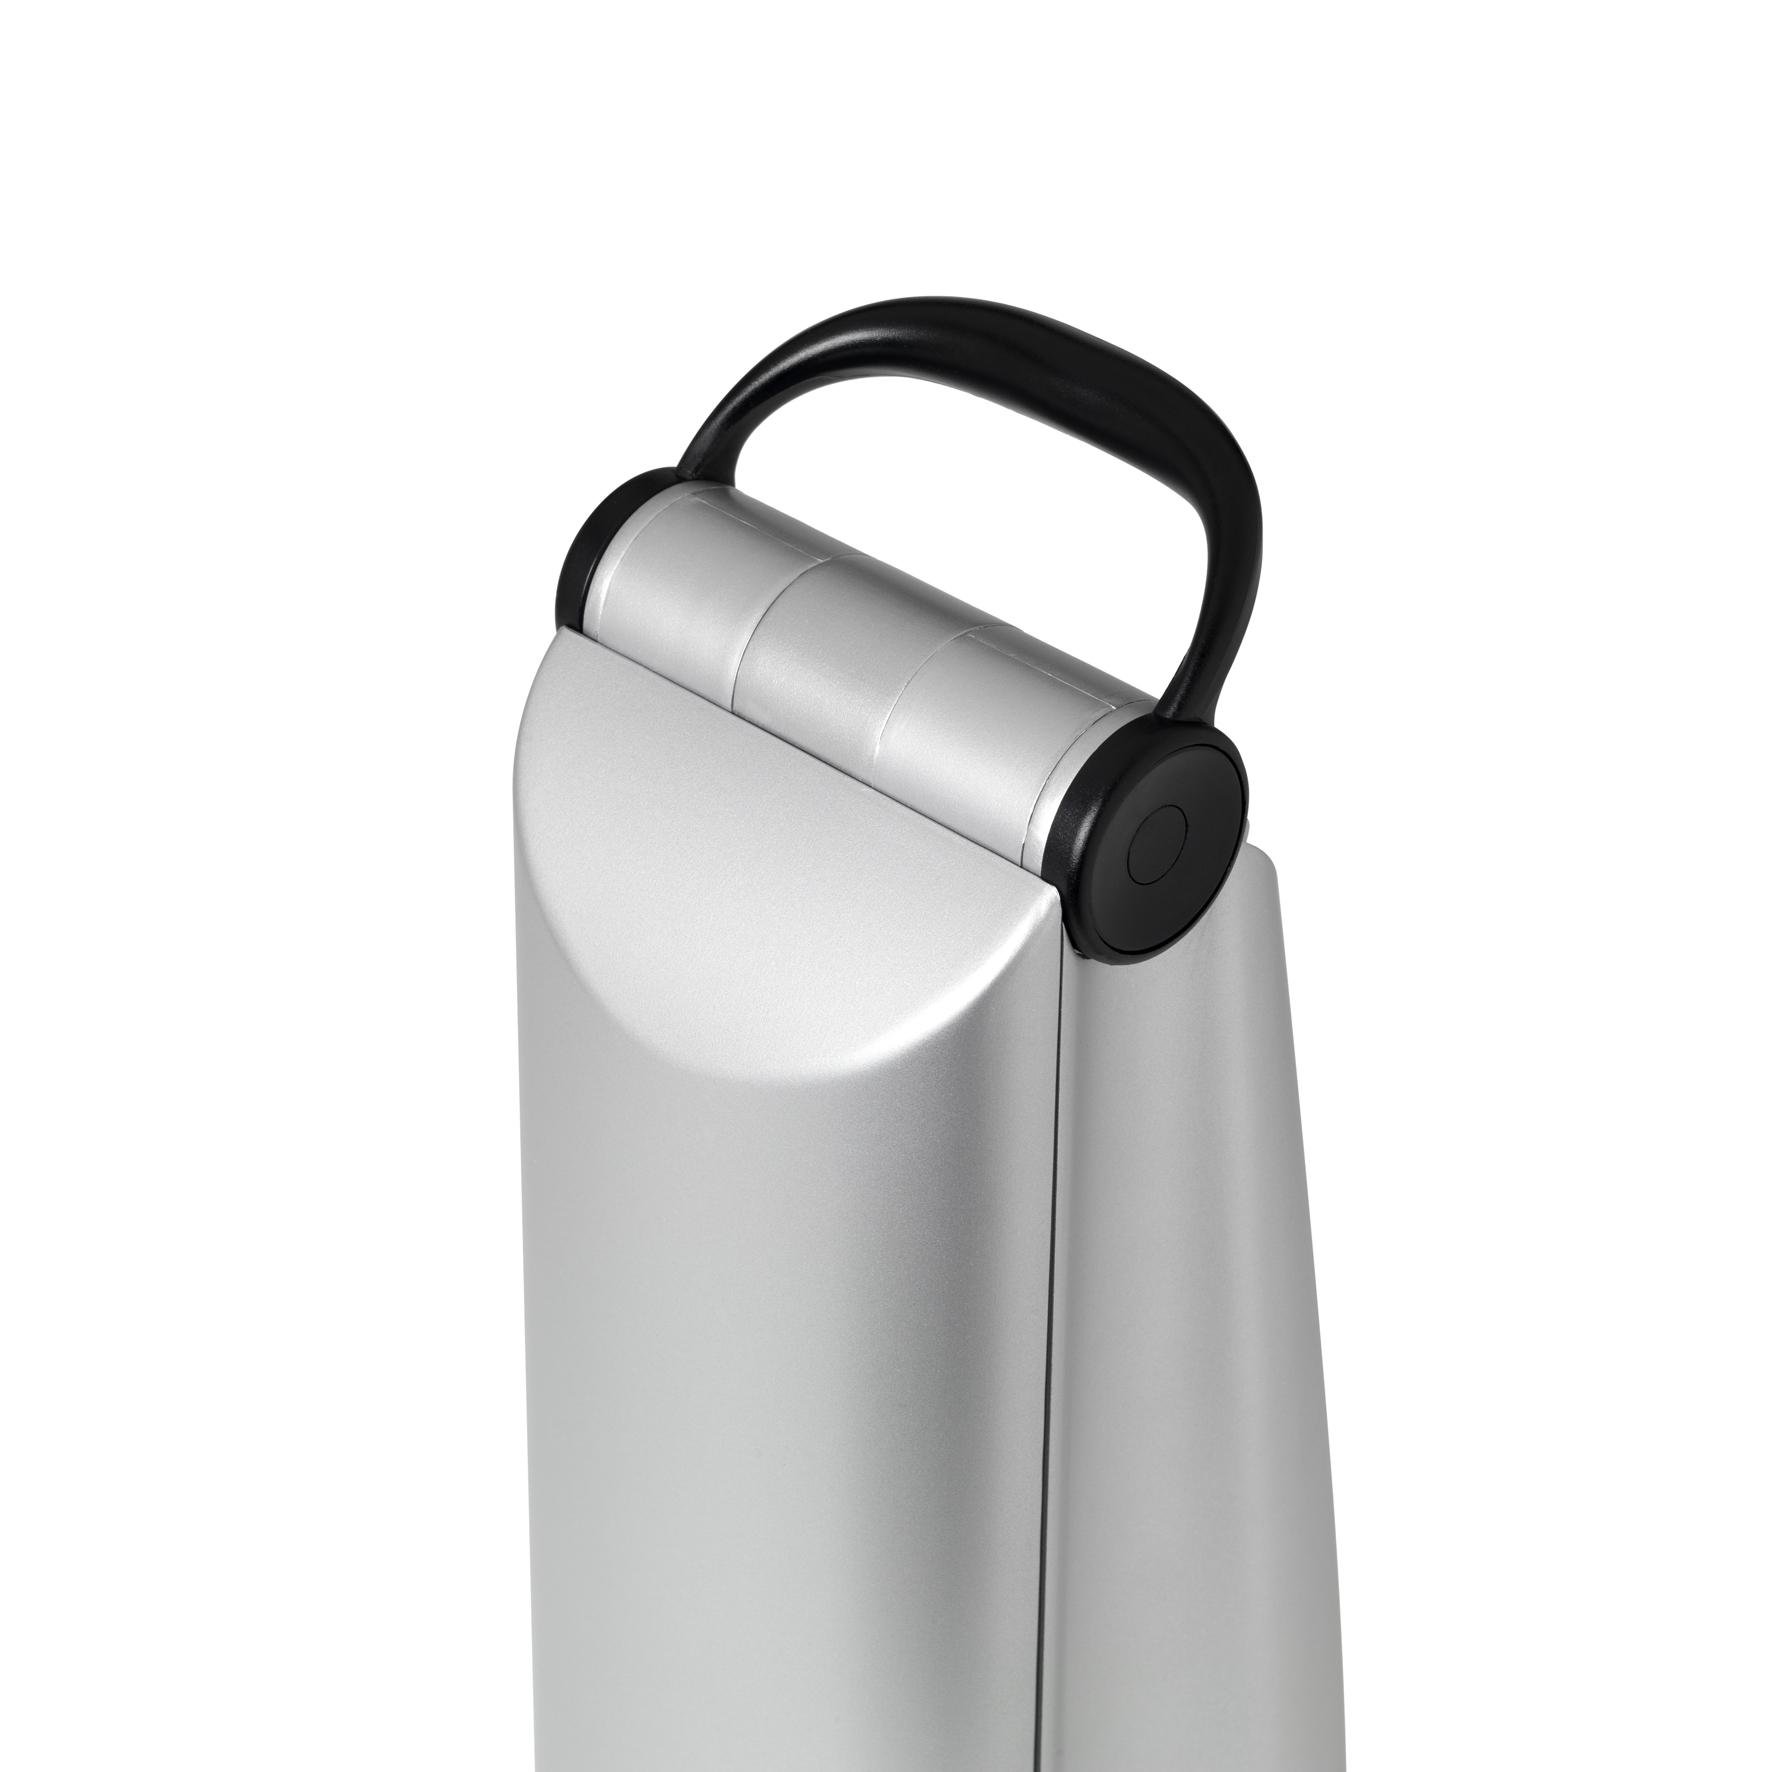 Bordlampe Daylight Freedom LED 4,8w Sølv